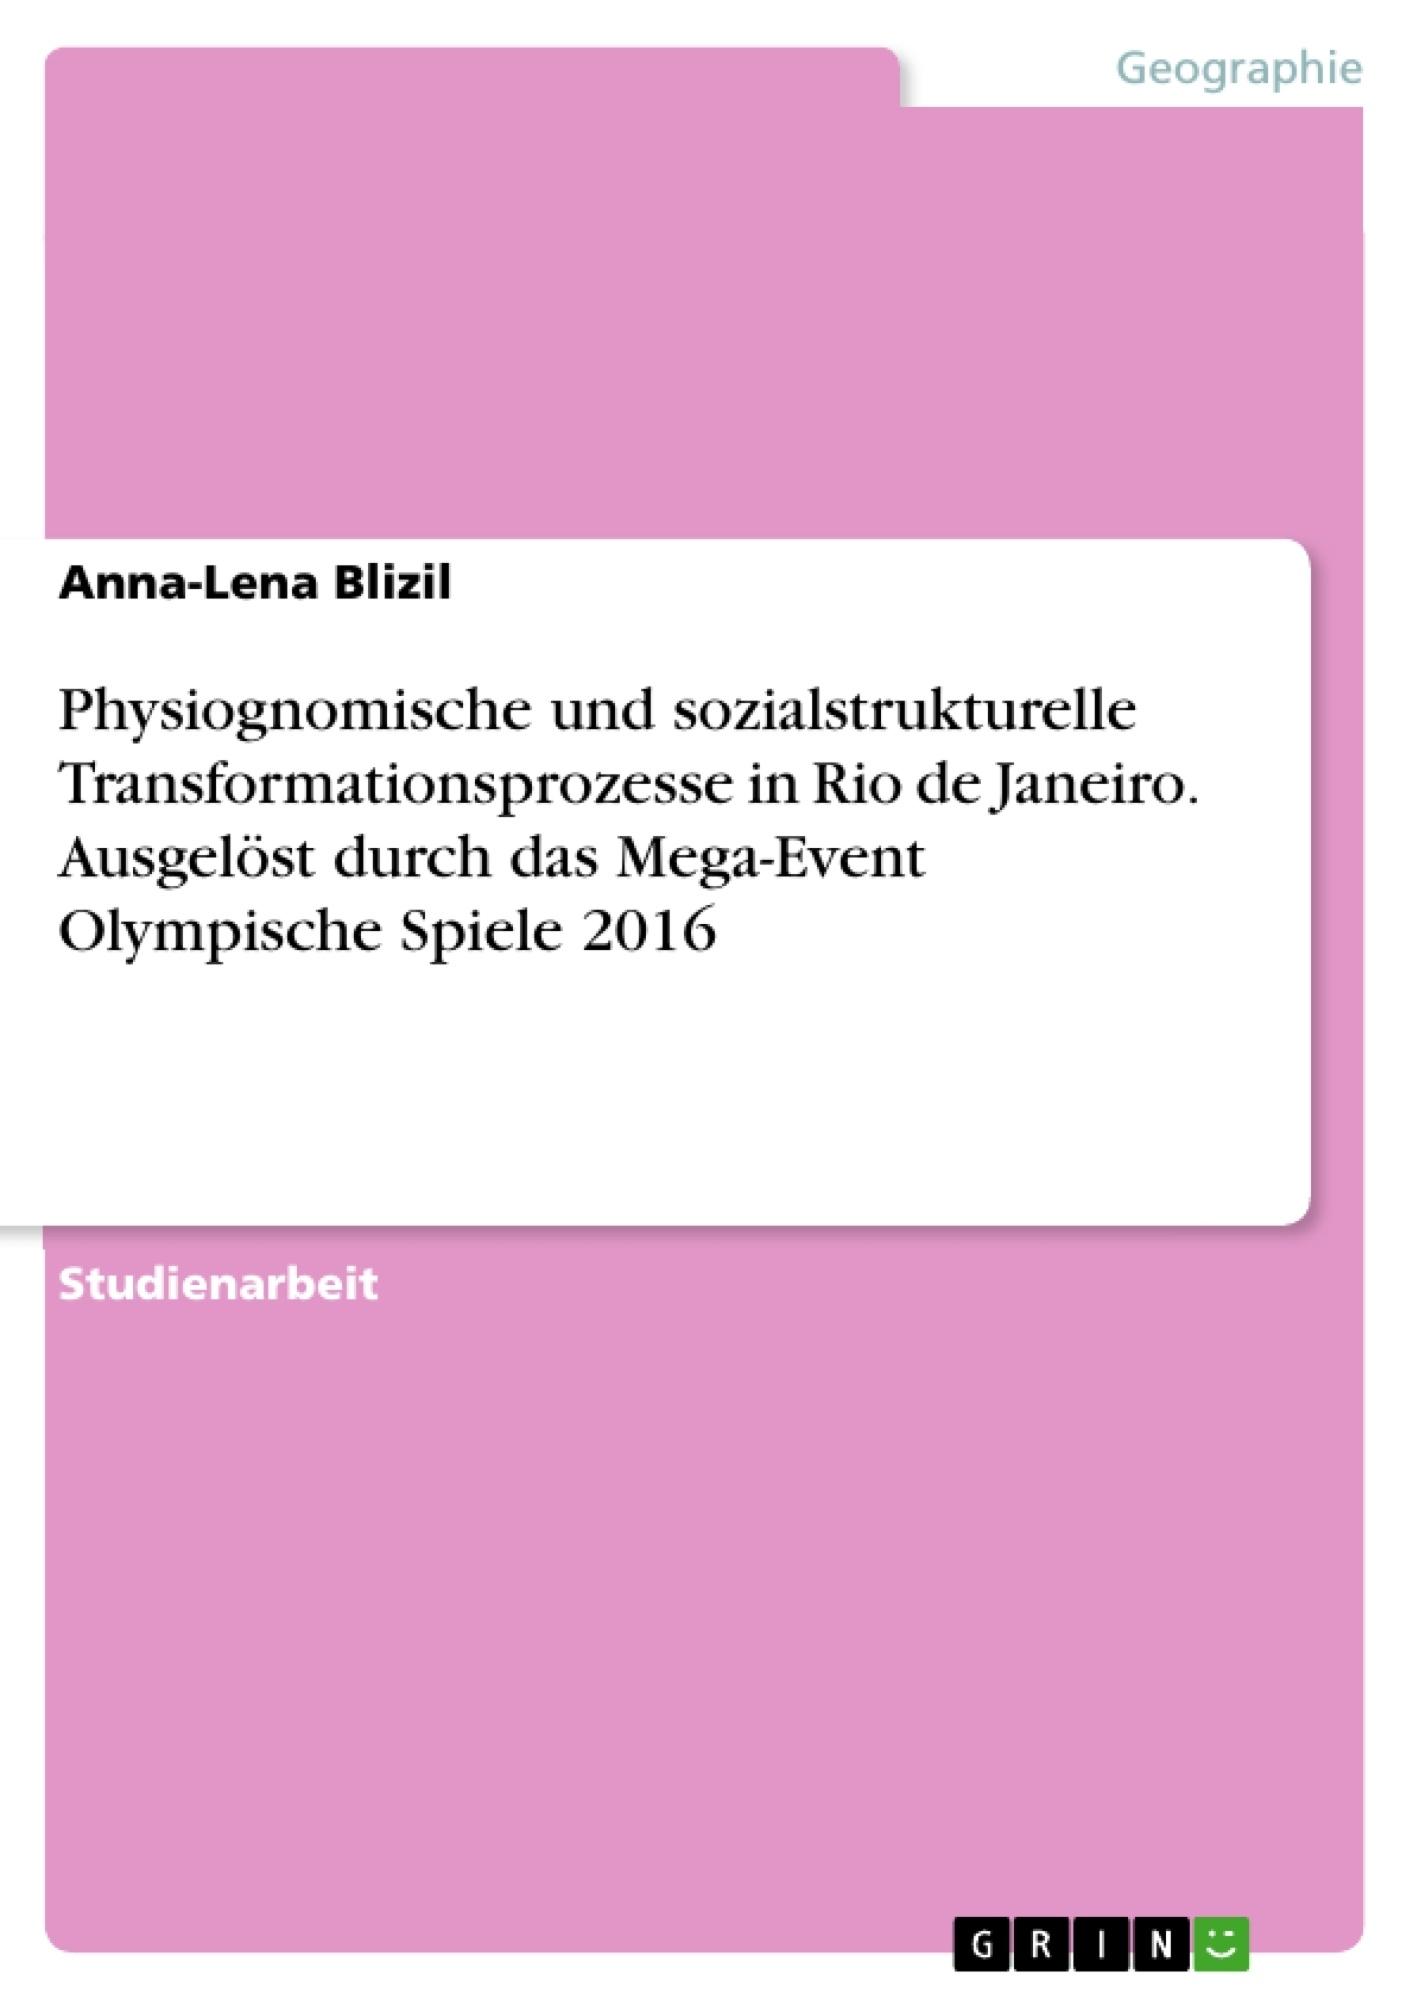 Titel: Physiognomische und sozialstrukturelle Transformationsprozesse in Rio de Janeiro. Ausgelöst durch das Mega-Event Olympische Spiele 2016